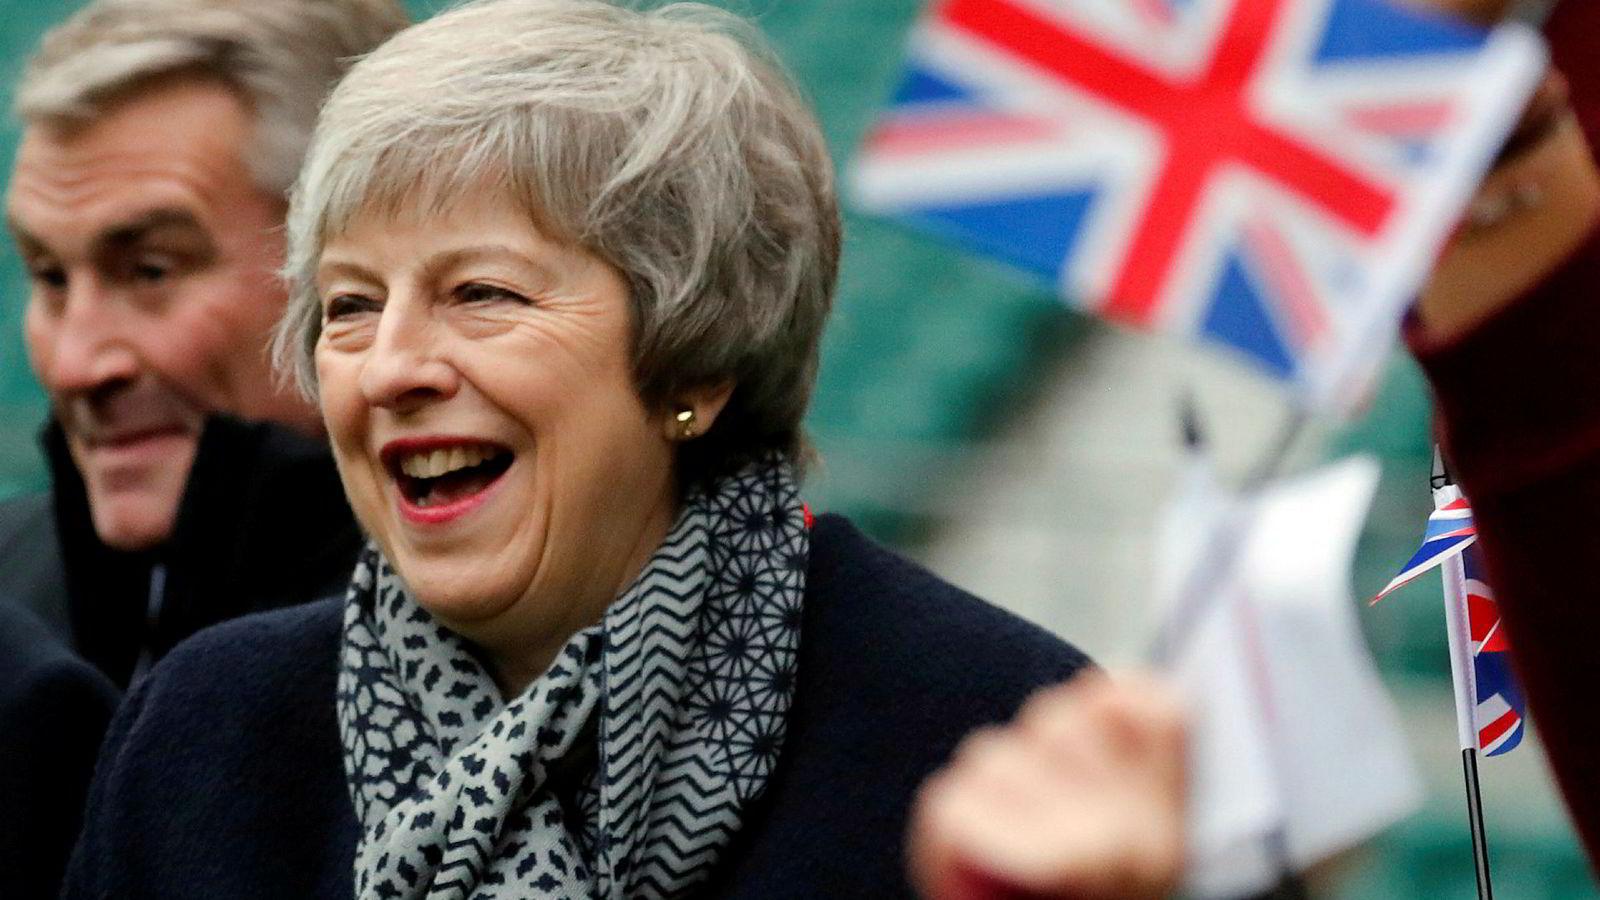 De fleste tror at Theresa May ikke vil vinne frem når det britiske parlamentet tirsdag skal stemme over utmeldelsesavtalen hun har fremforhandlet med EU. Veien videre dersom Mays forslag taper er fullstendig åpen.